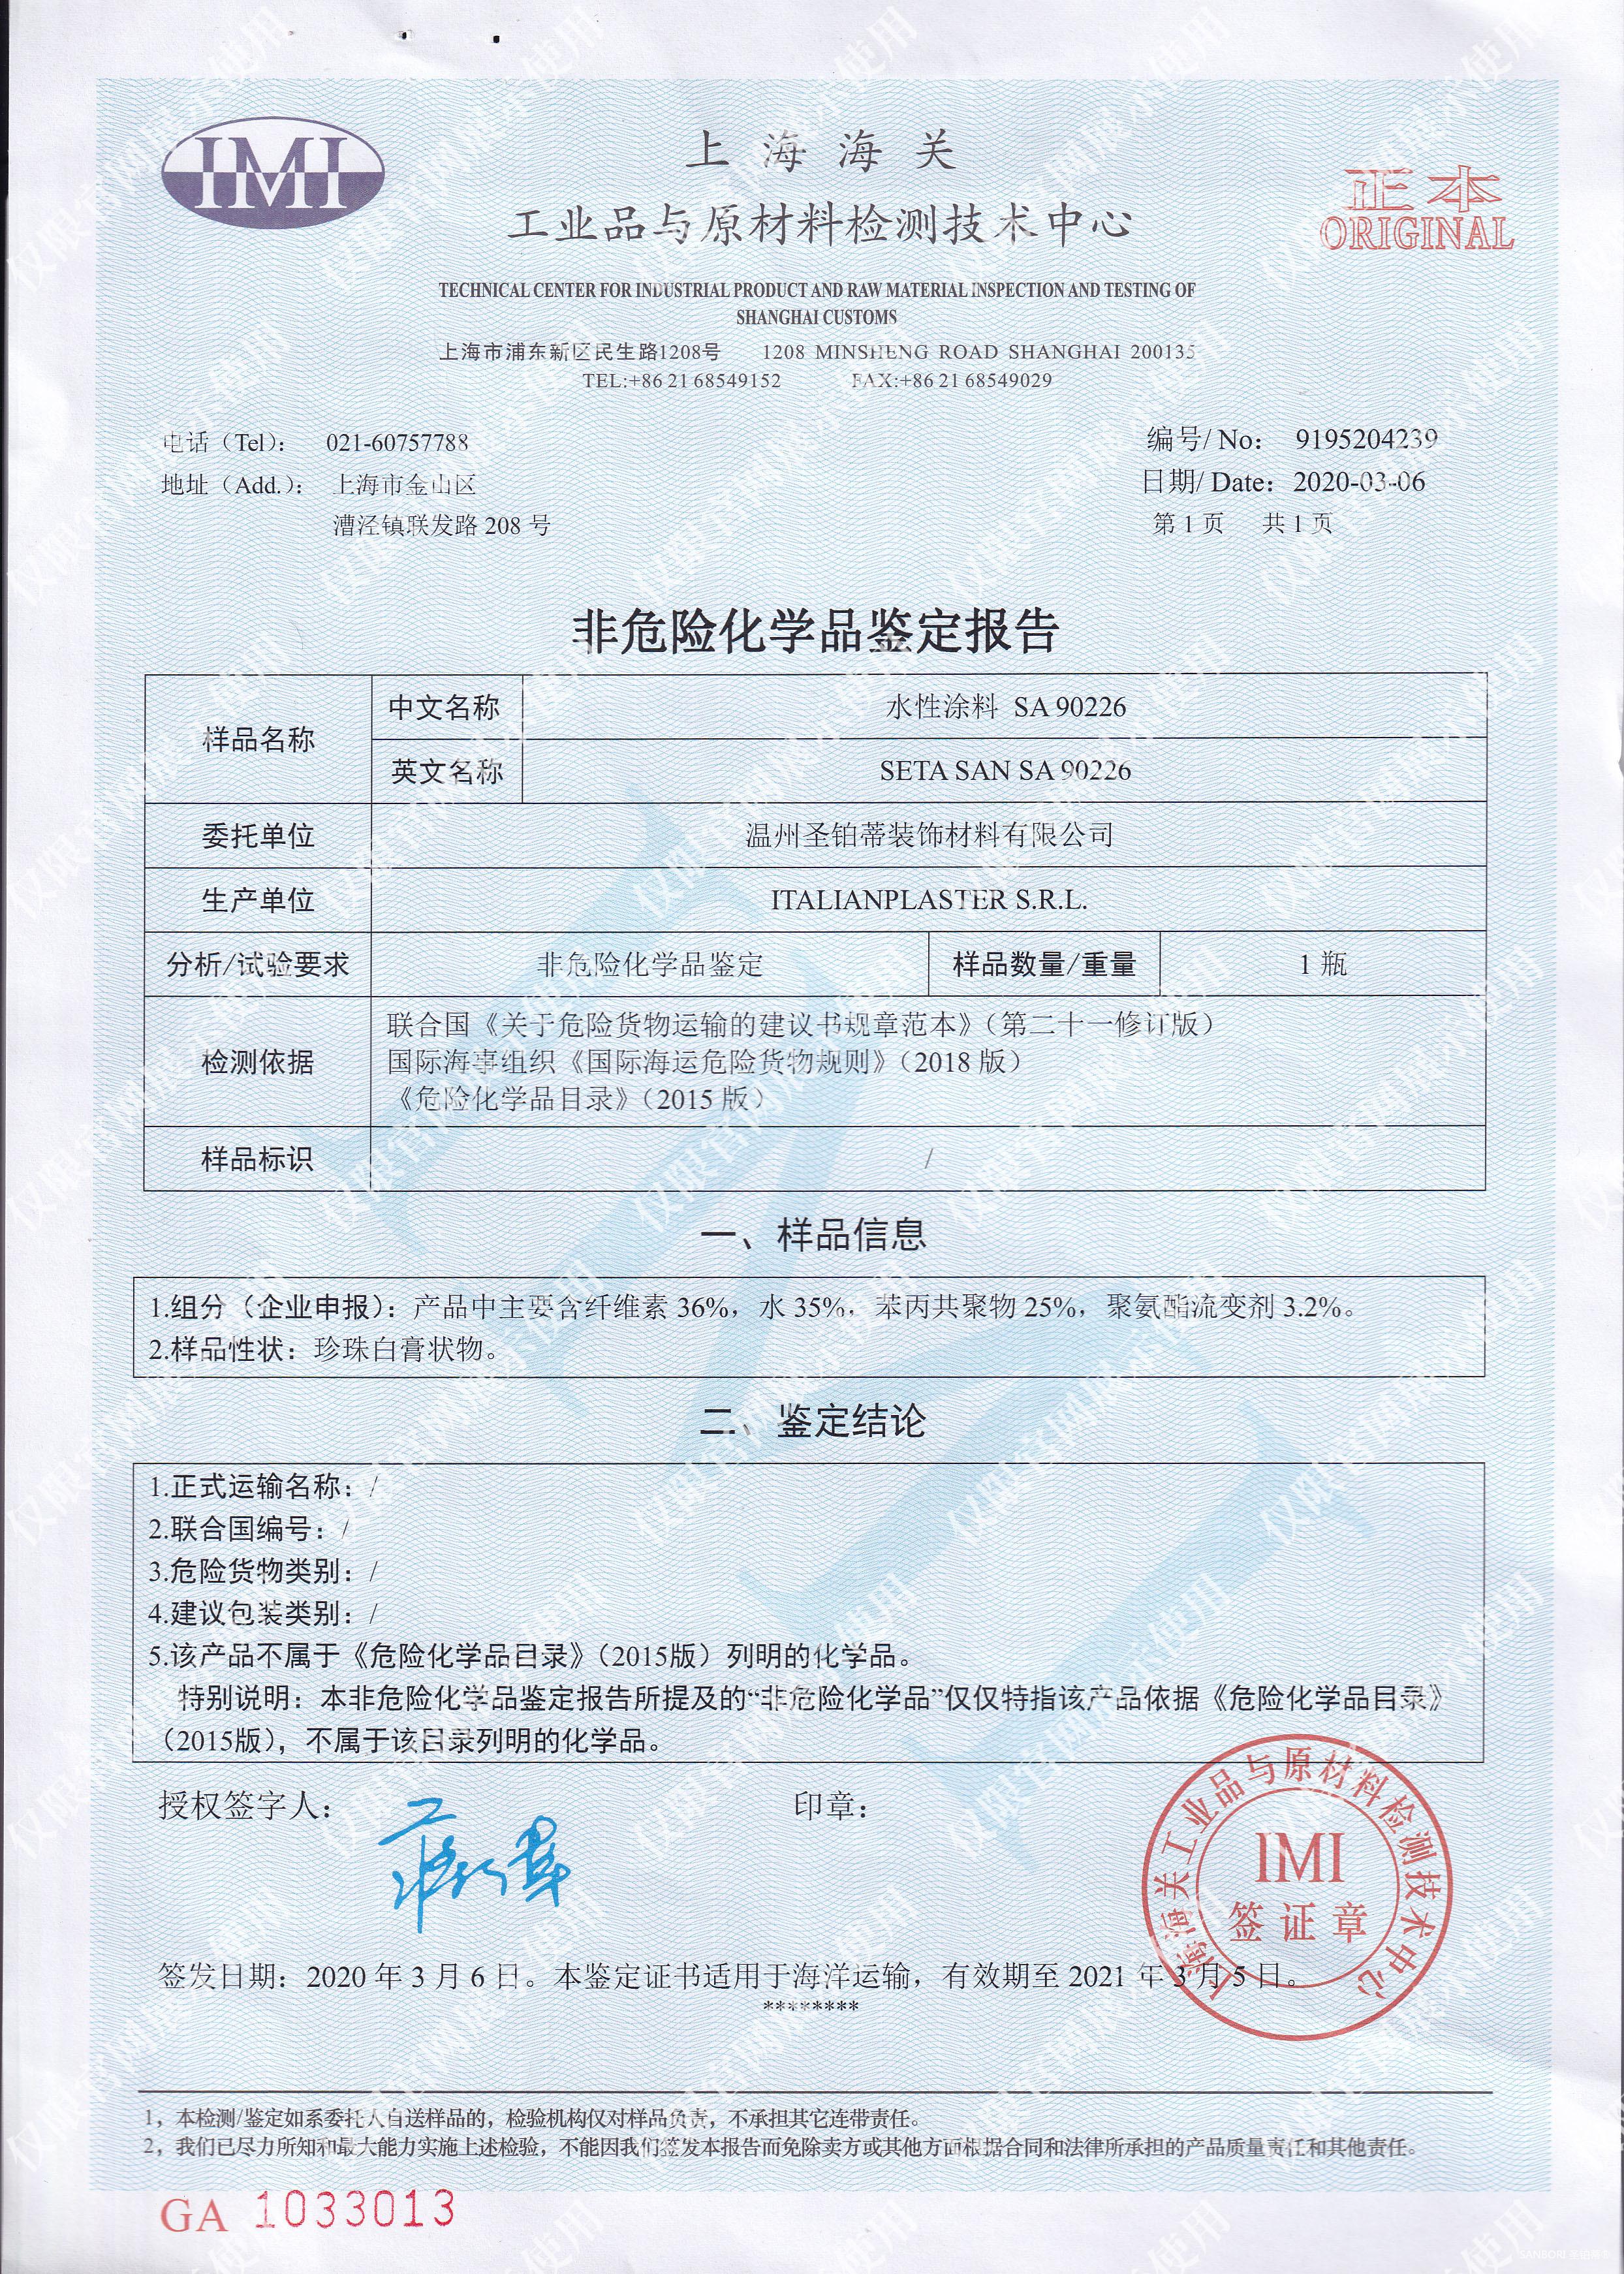 非危险化学品鉴定报告9195204239正本 (2).jpg